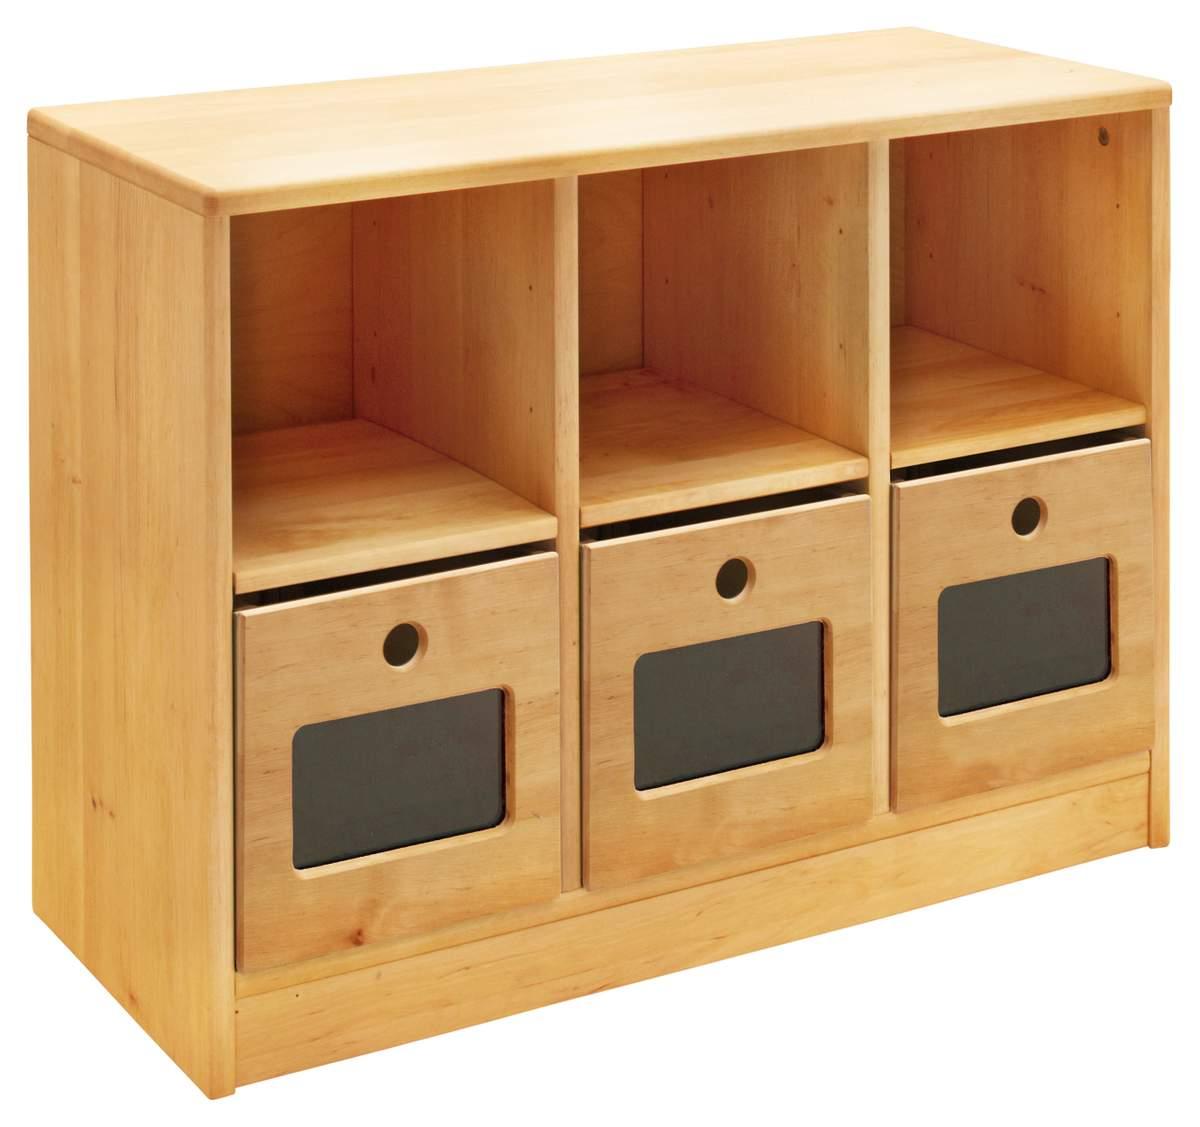 Artikelbild: Robin Set Ordnungsregal breit mit 3 Ordnungsboxen. Höhe 64 cm, Breite 86 cm